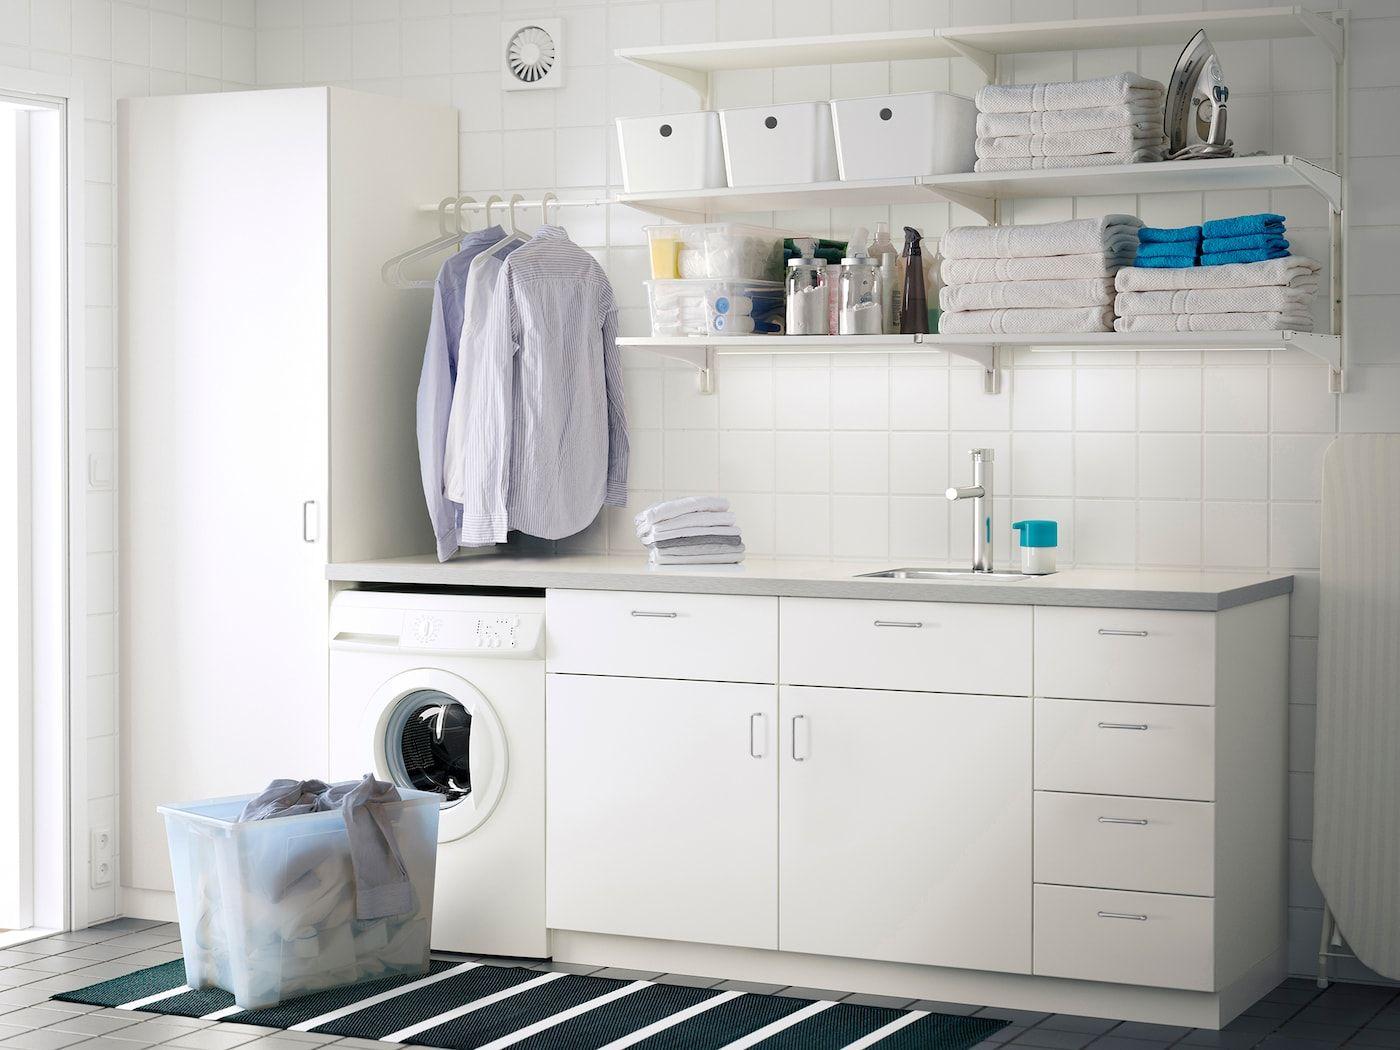 Waschkuche Waschraum Ideen Inspirationen Waschkuchenorganisation Waschkuche Ikea Wasche